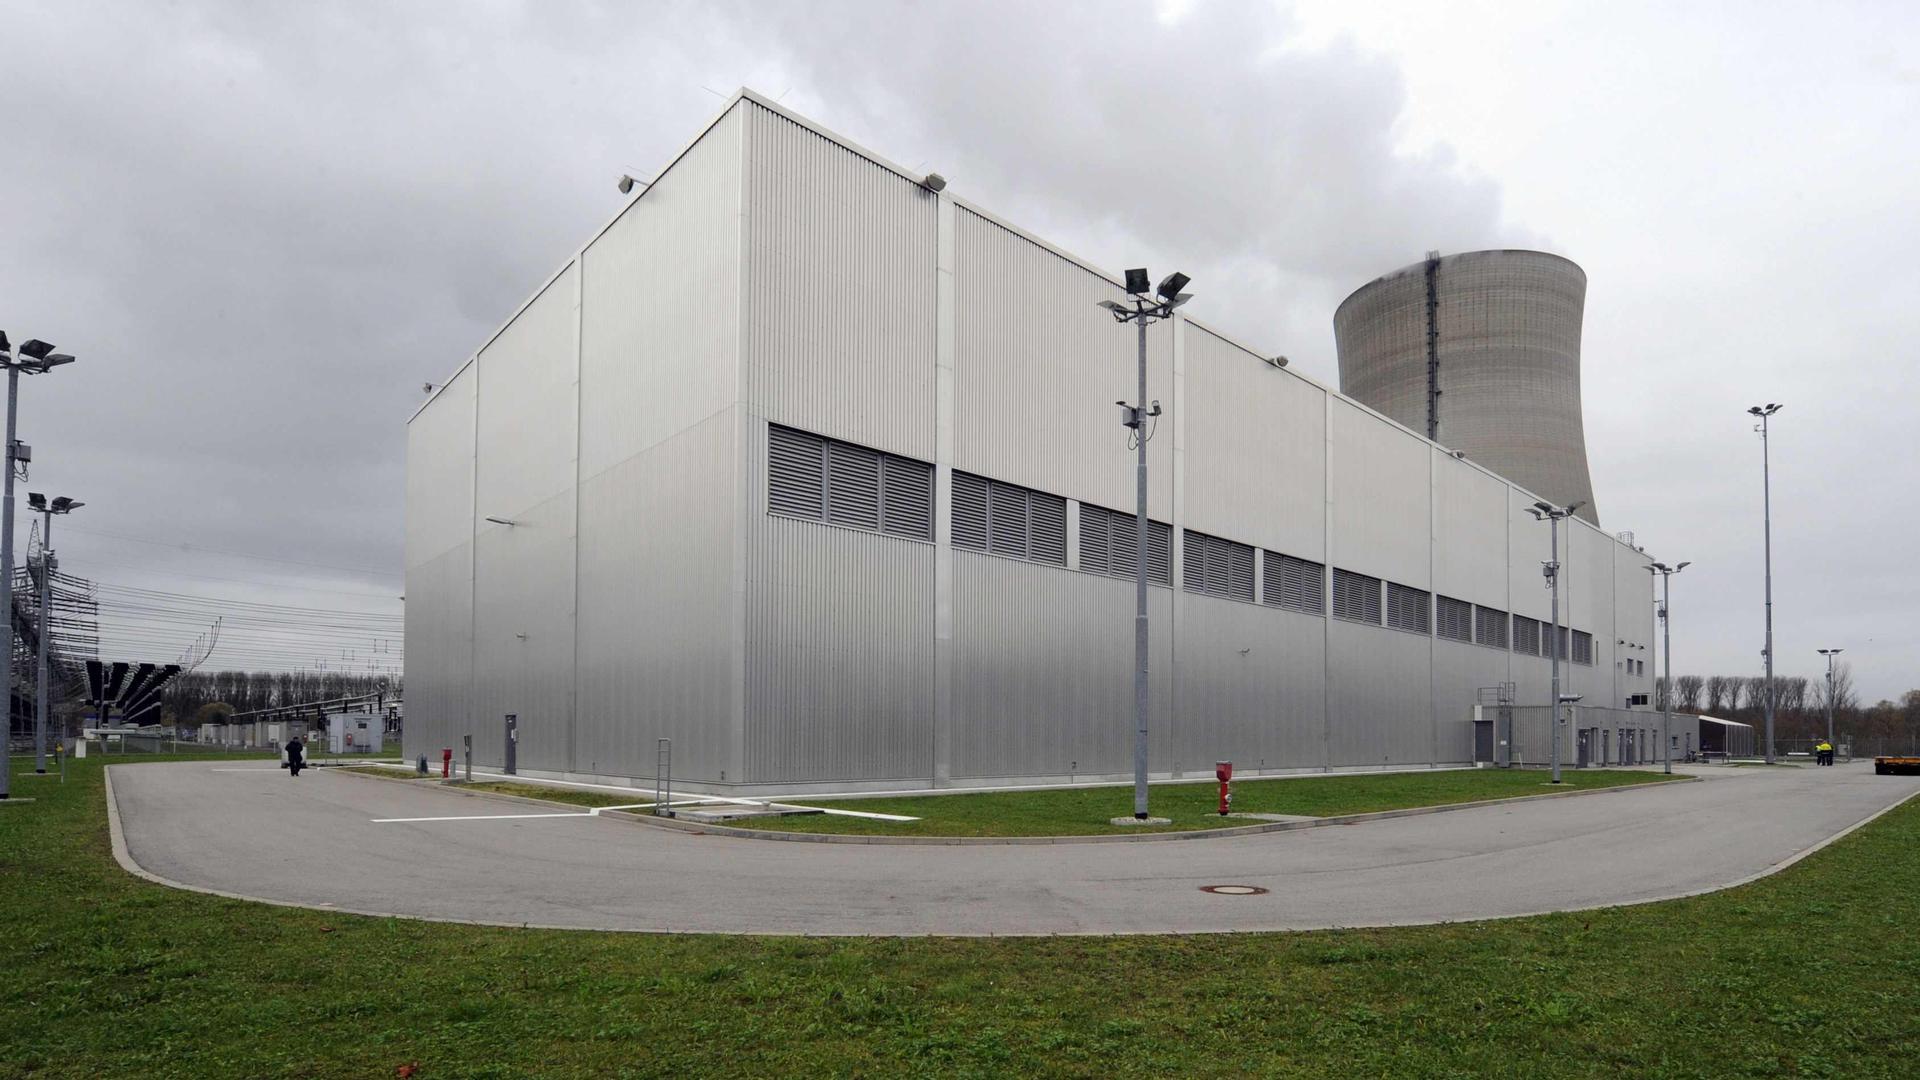 Das Foto vom Mittwoch (17.11.2010) zeigt eine Außenaufnahme des Zwischenlagers für Atommüll am Kernkraftwerk Philippsburg (Kreis Karlsruhe). Bis Mitte 2005 wurde der aus dem Betrieb des Siedewasserreaktors KKP 1 und des neueren Druckwasserreaktors KKP 2 stammende Abfall zur Wiederaufarbeitung auf die Reise ins französische La Hague und ins englische Sellafield geschickt. Der zwischen den Stromversorgern mit der damaligen Bundesregierung ausgehandelte Atomkonsens machte damit Schluss. Die Betreiber mussten Zwischenlager an ihren Meilern errichten, in dem der Atommüll so lange bleiben soll, bis ein Endlager gefunden ist. Foto: Uli Deck dpa/lsw (Zu lsw Korr _Vorsicht Strahlung: Der Atommüll am Meiler Philippsburg_ vom 18.11.2010) ++ +++ dpa-Bildfunk +++